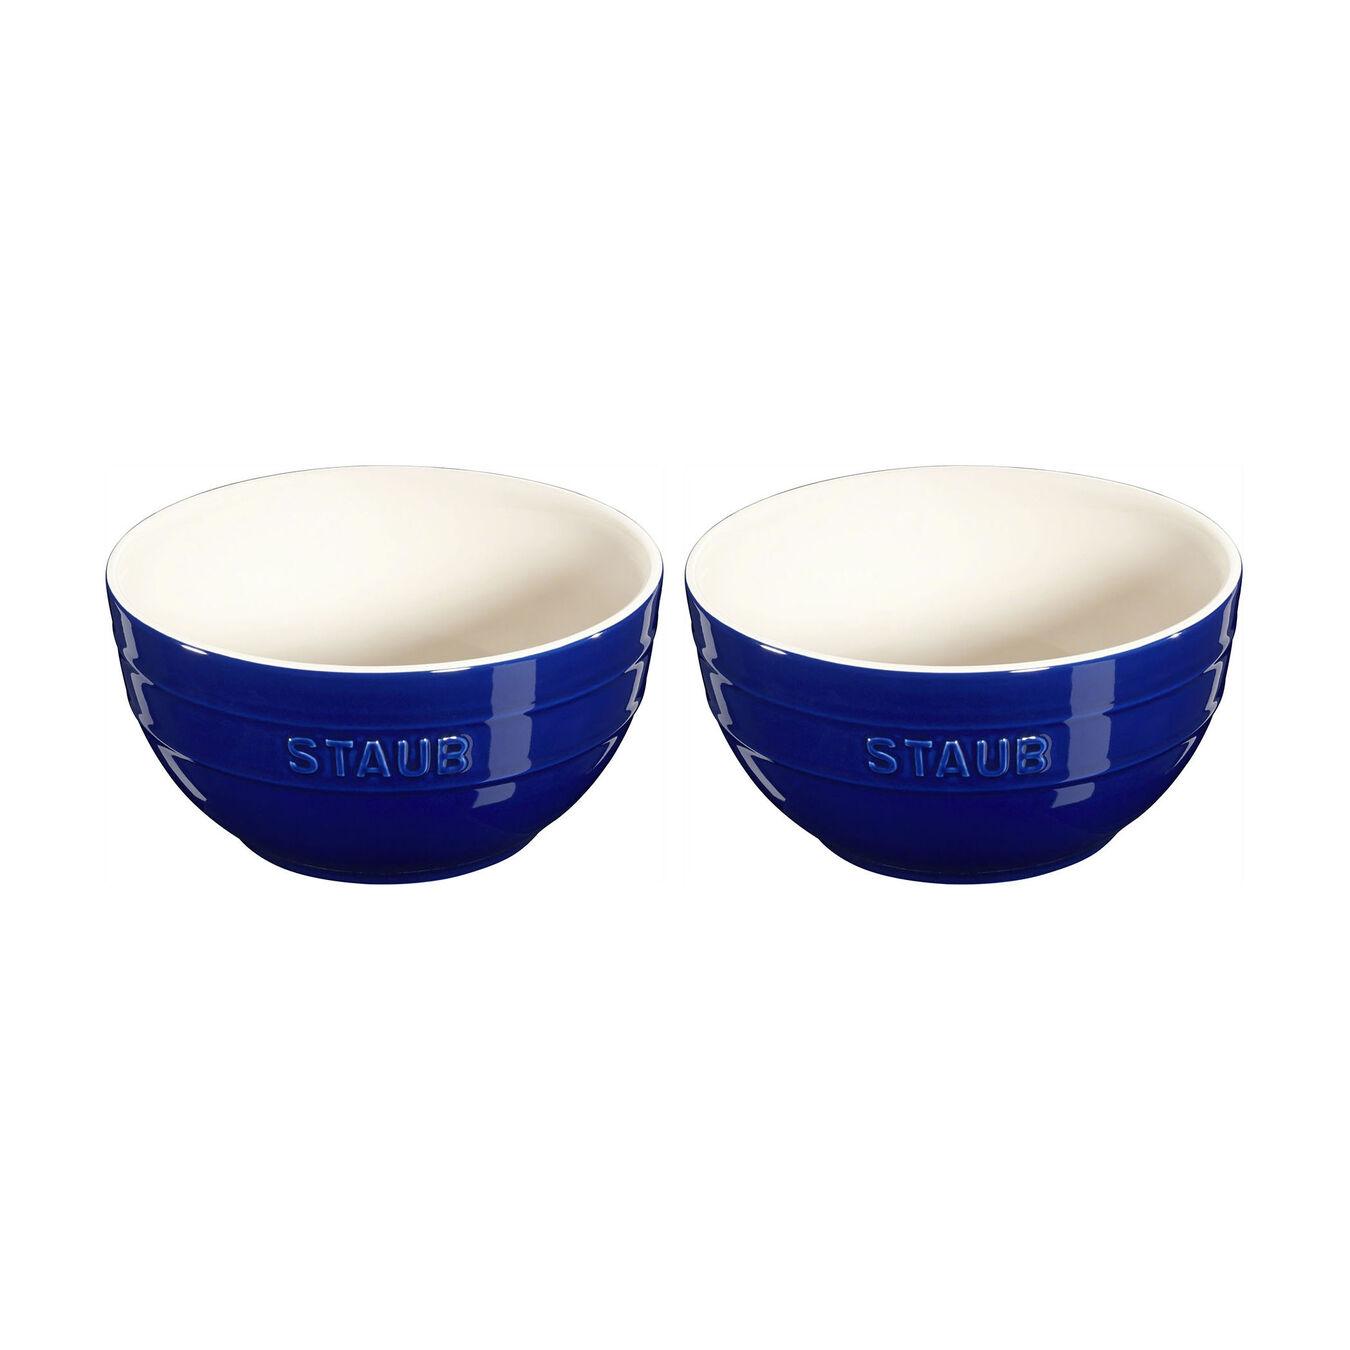 2-pc Large Universal Bowl Set - Dark Blue,,large 1